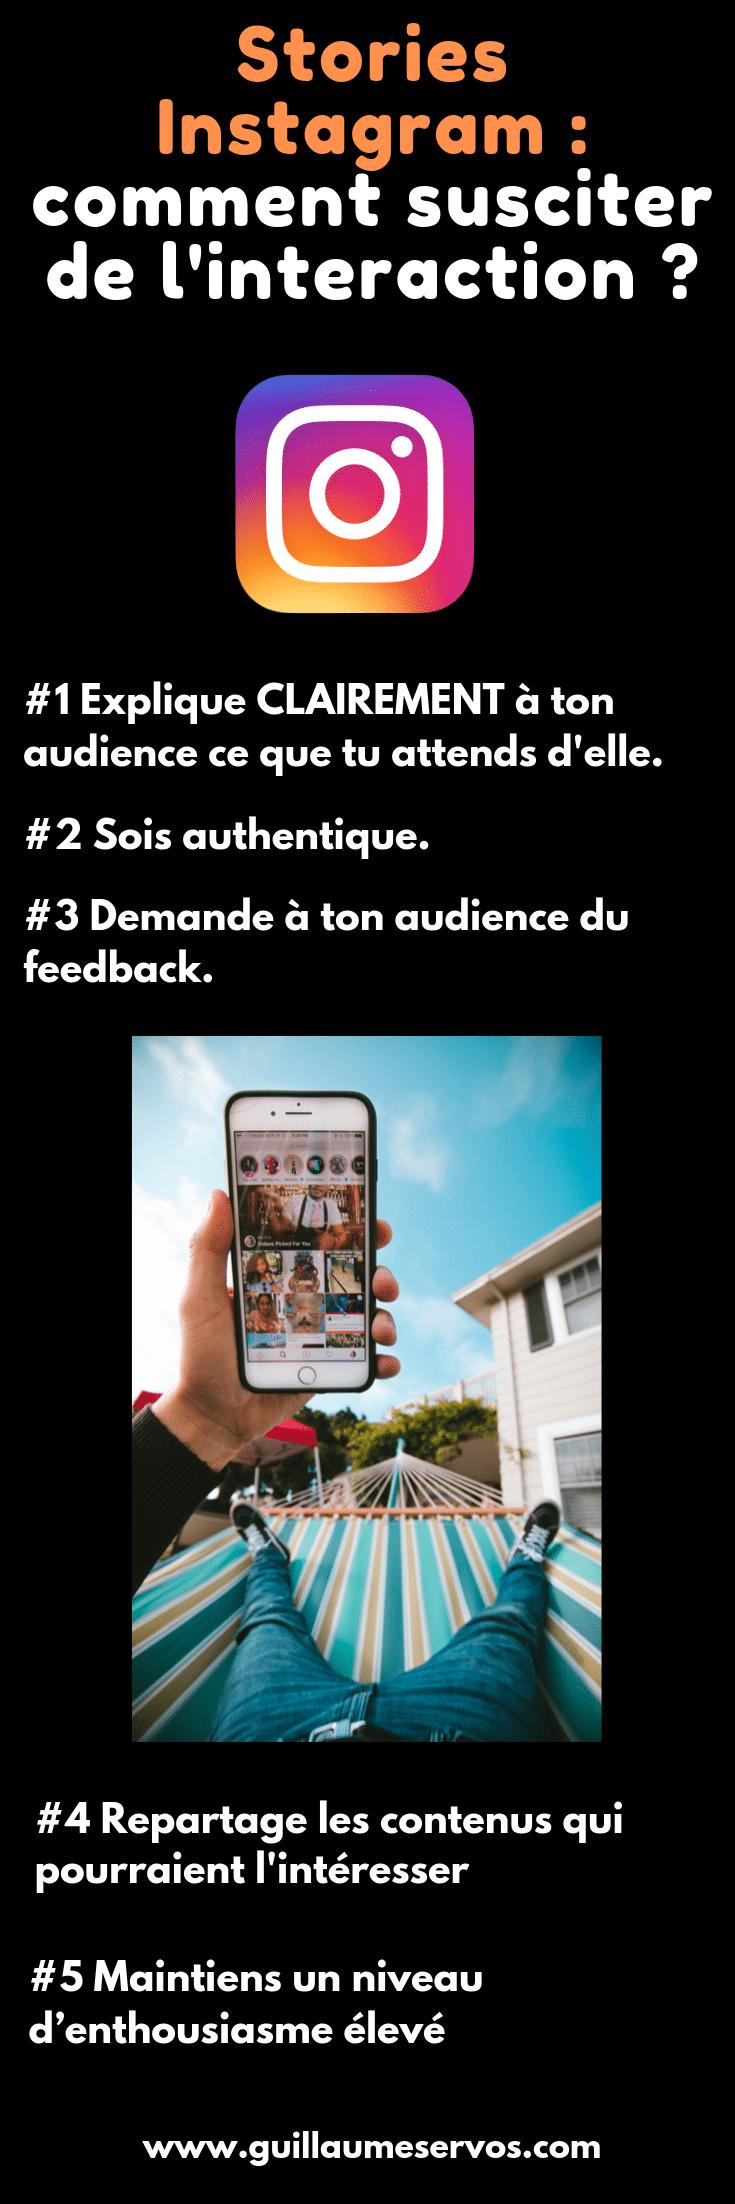 Comment utiliser les stories Instagram pour susciter de l'intérêt et provoquer de l'interaction ? Au menu : stickers, lien de bio, authenticité, créativité…